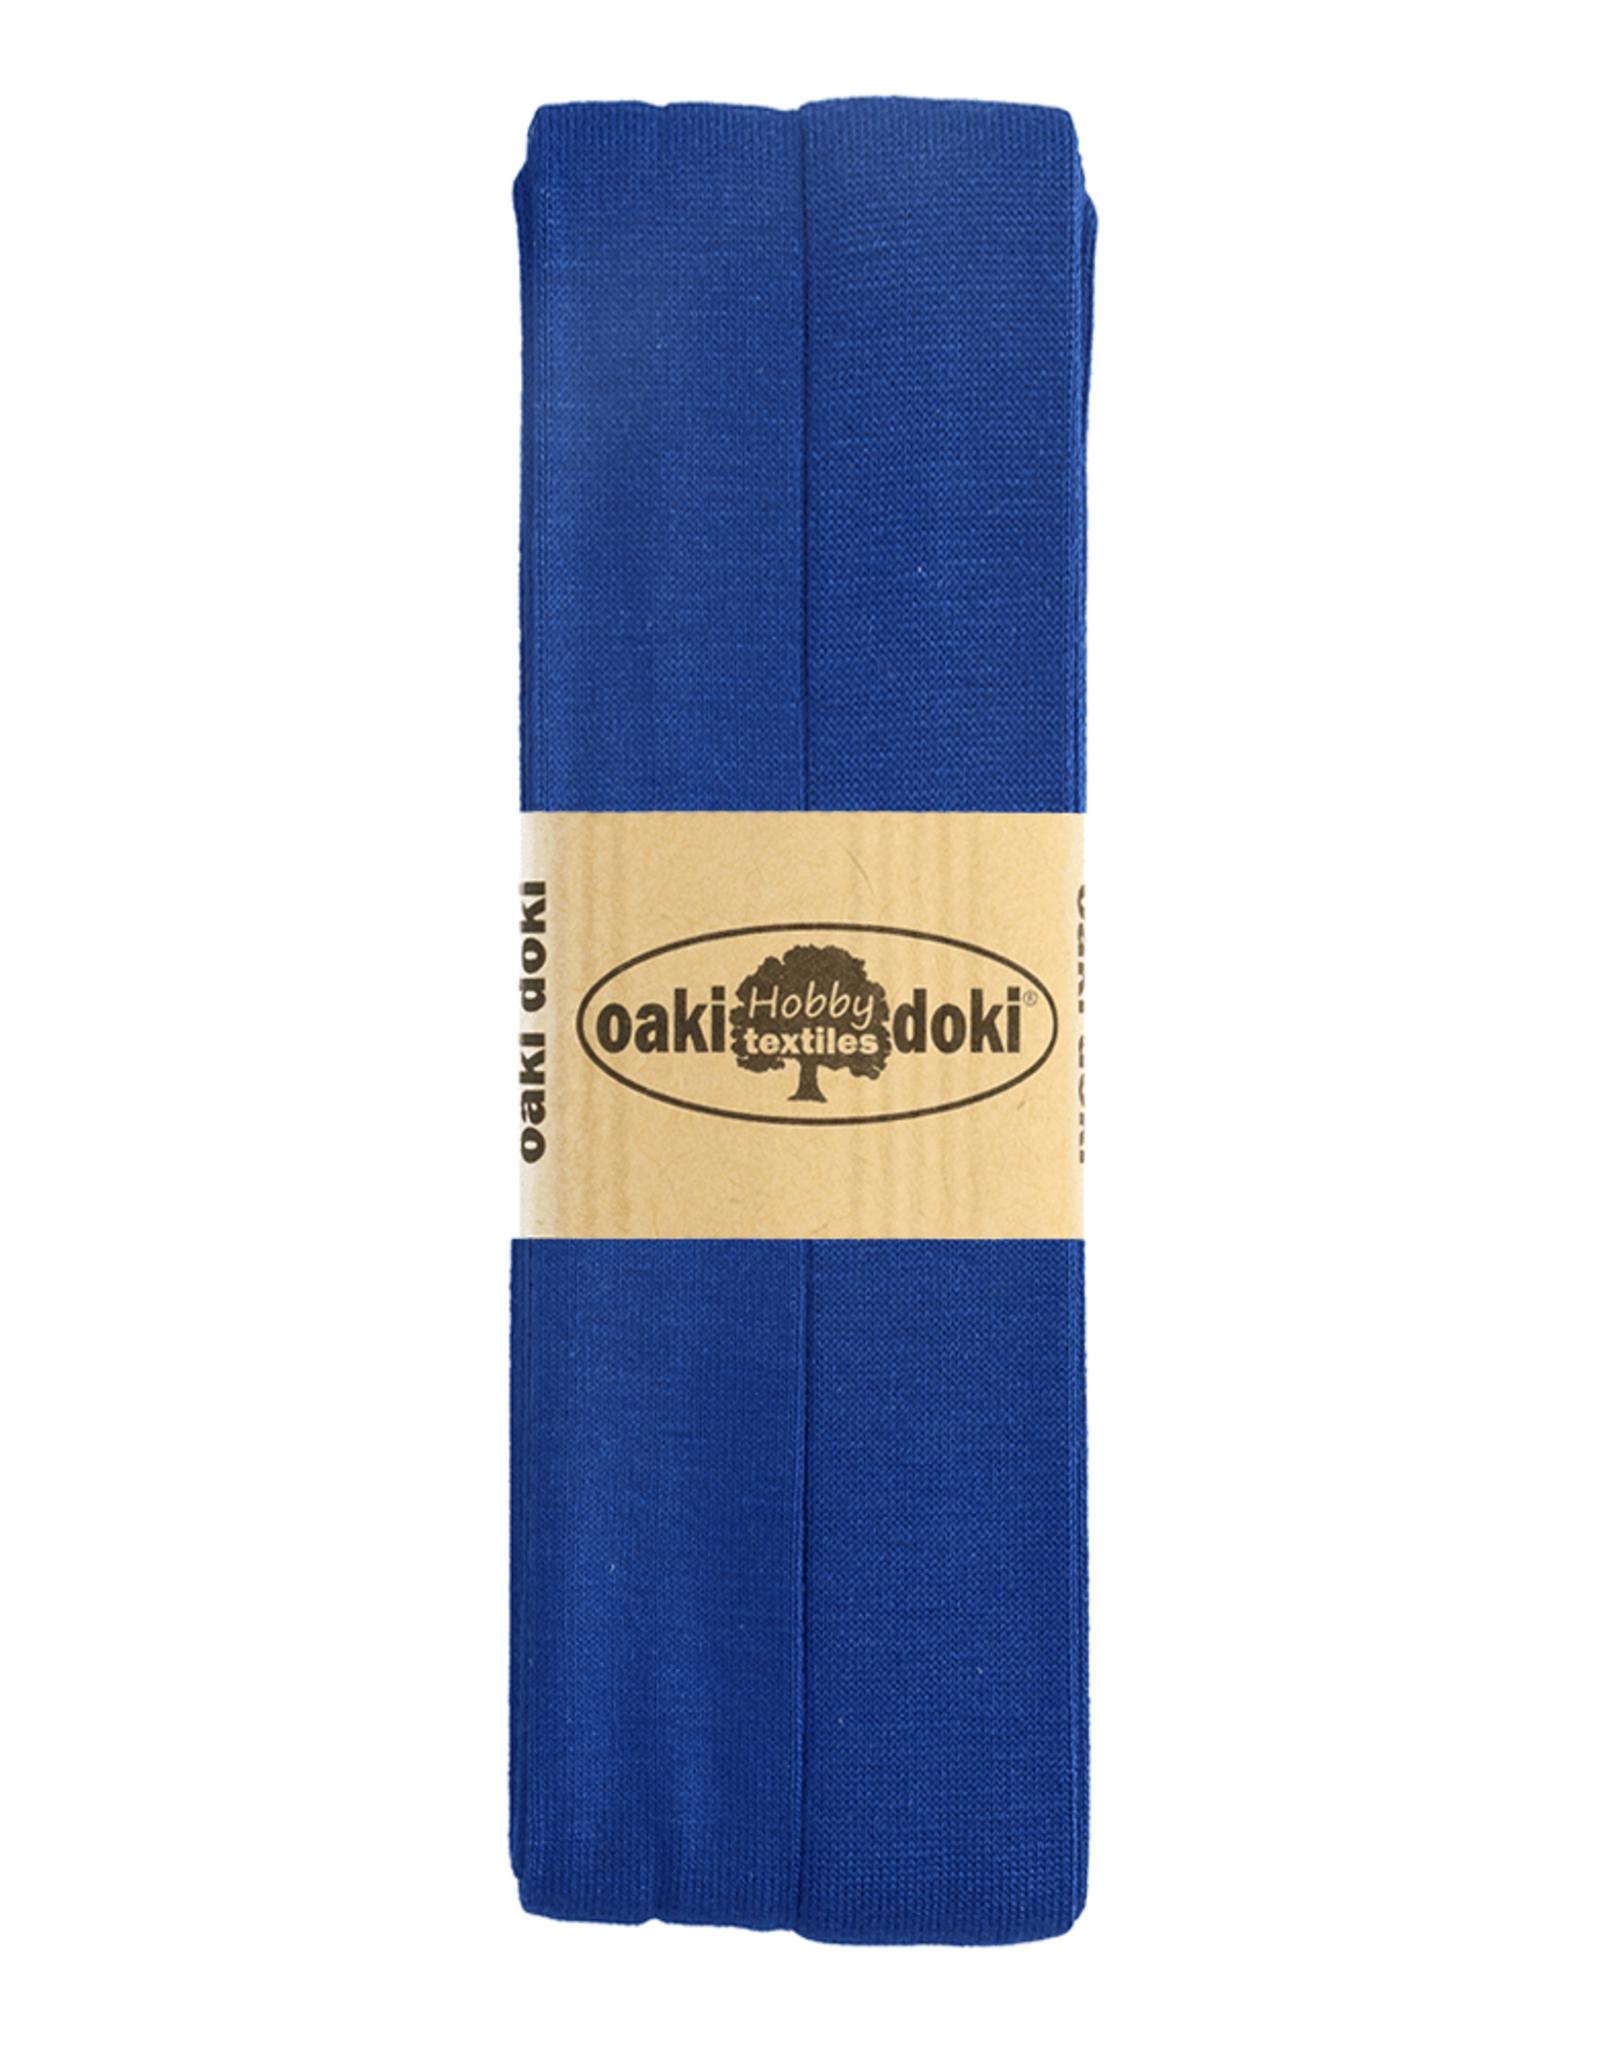 Oaki Doki Biais - Tricot - Koningsblauw